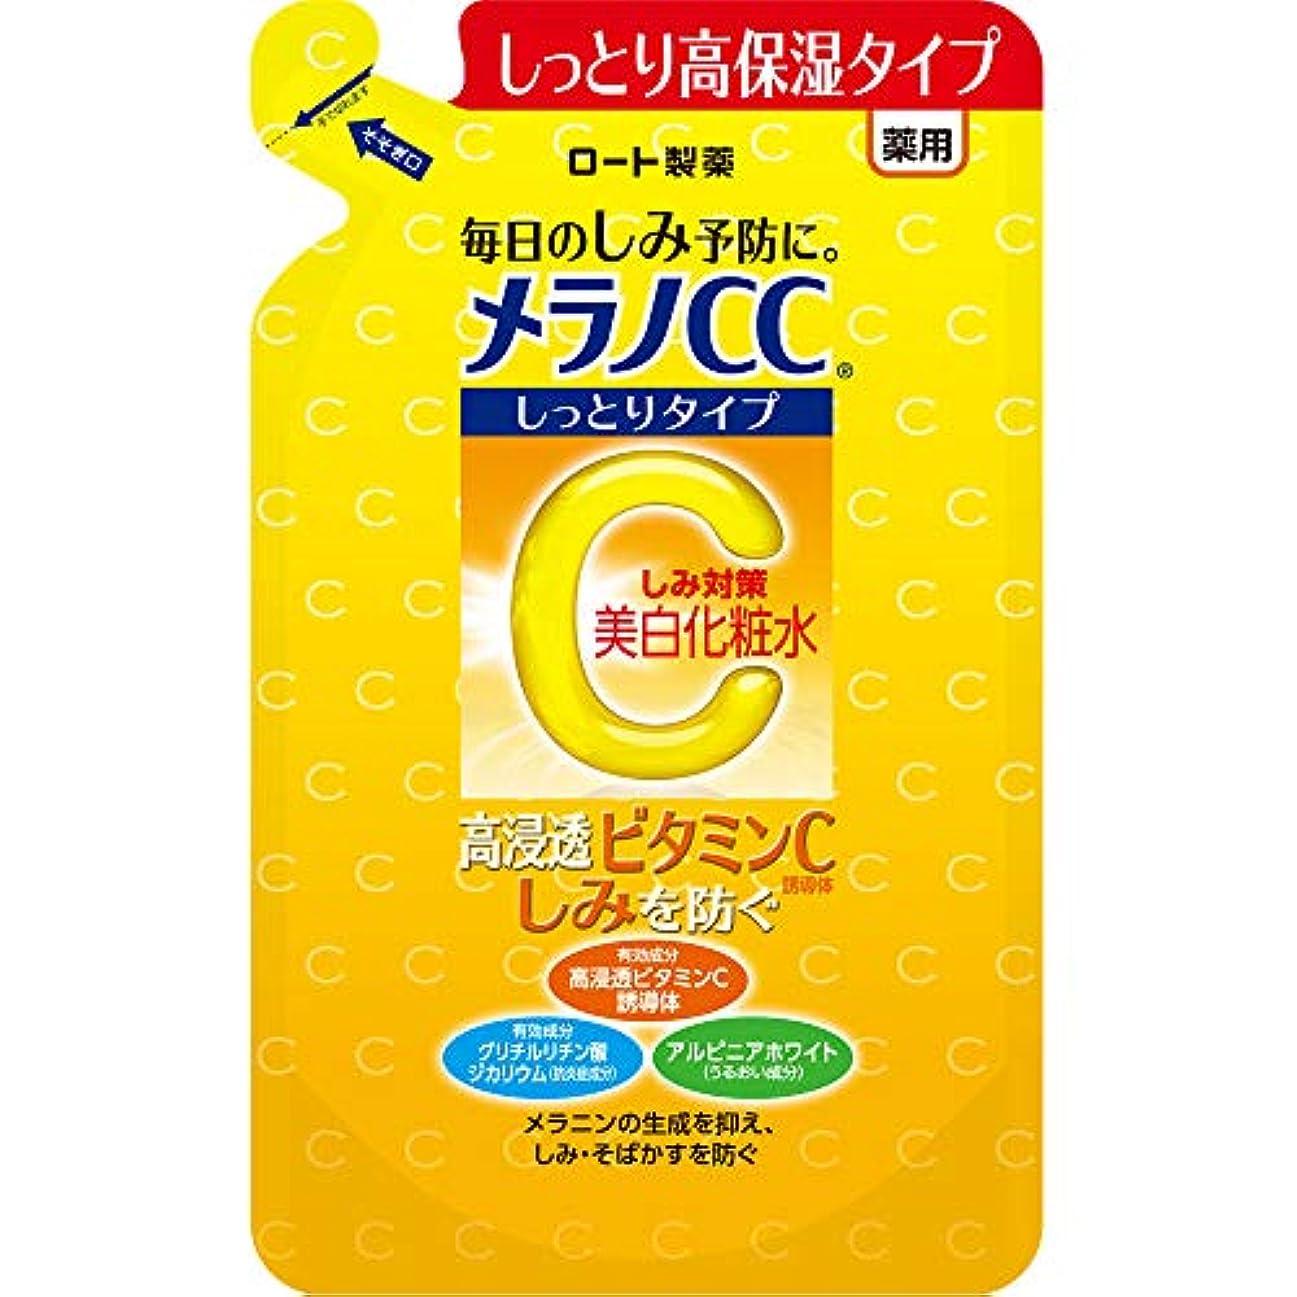 オーラル待つ控えるメラノCC 薬用しみ対策美白化粧水 しっとりタイプ つめかえ用 170mL